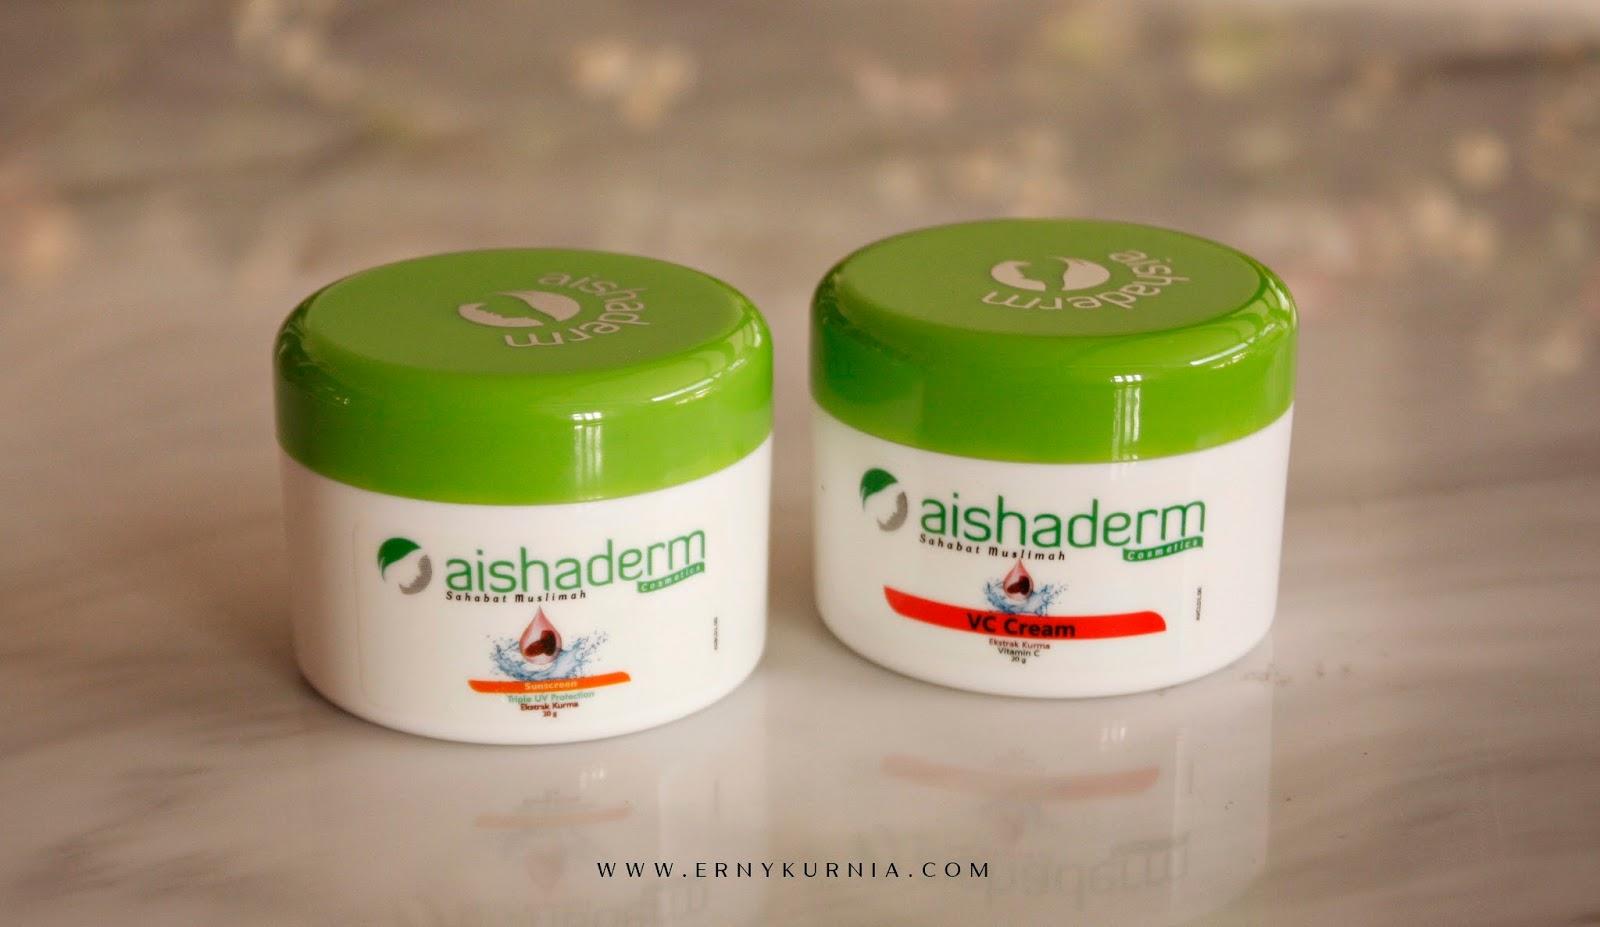 Produk Aishaderm, Produk Aishaderm Aman